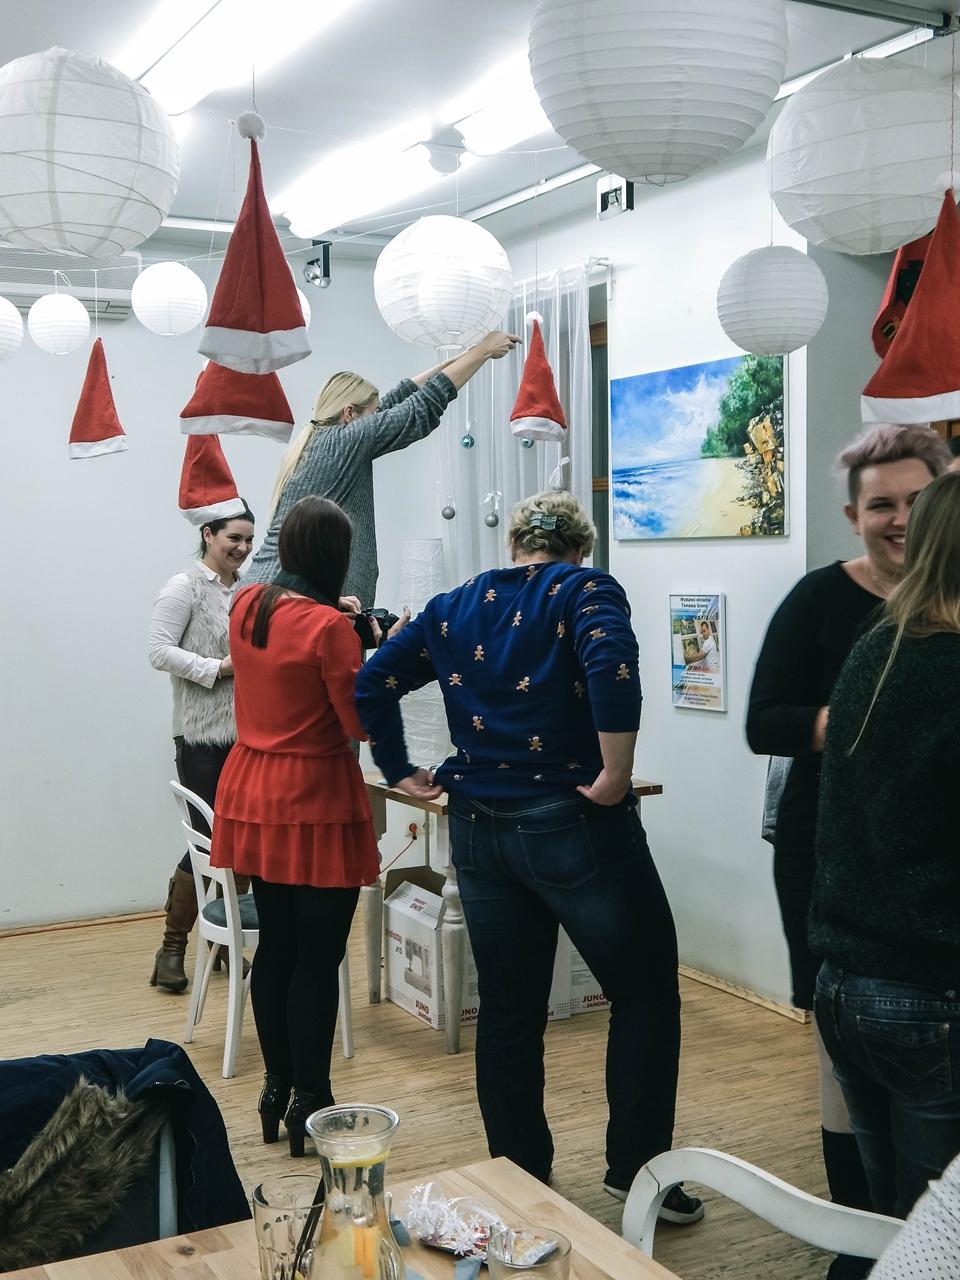 14 spotkanie blogerek mikołajki łódź 2017 akademia urody melodylaniella łódź blog beauty lifestyle fashion moda kulinaria instagram łódź influencer